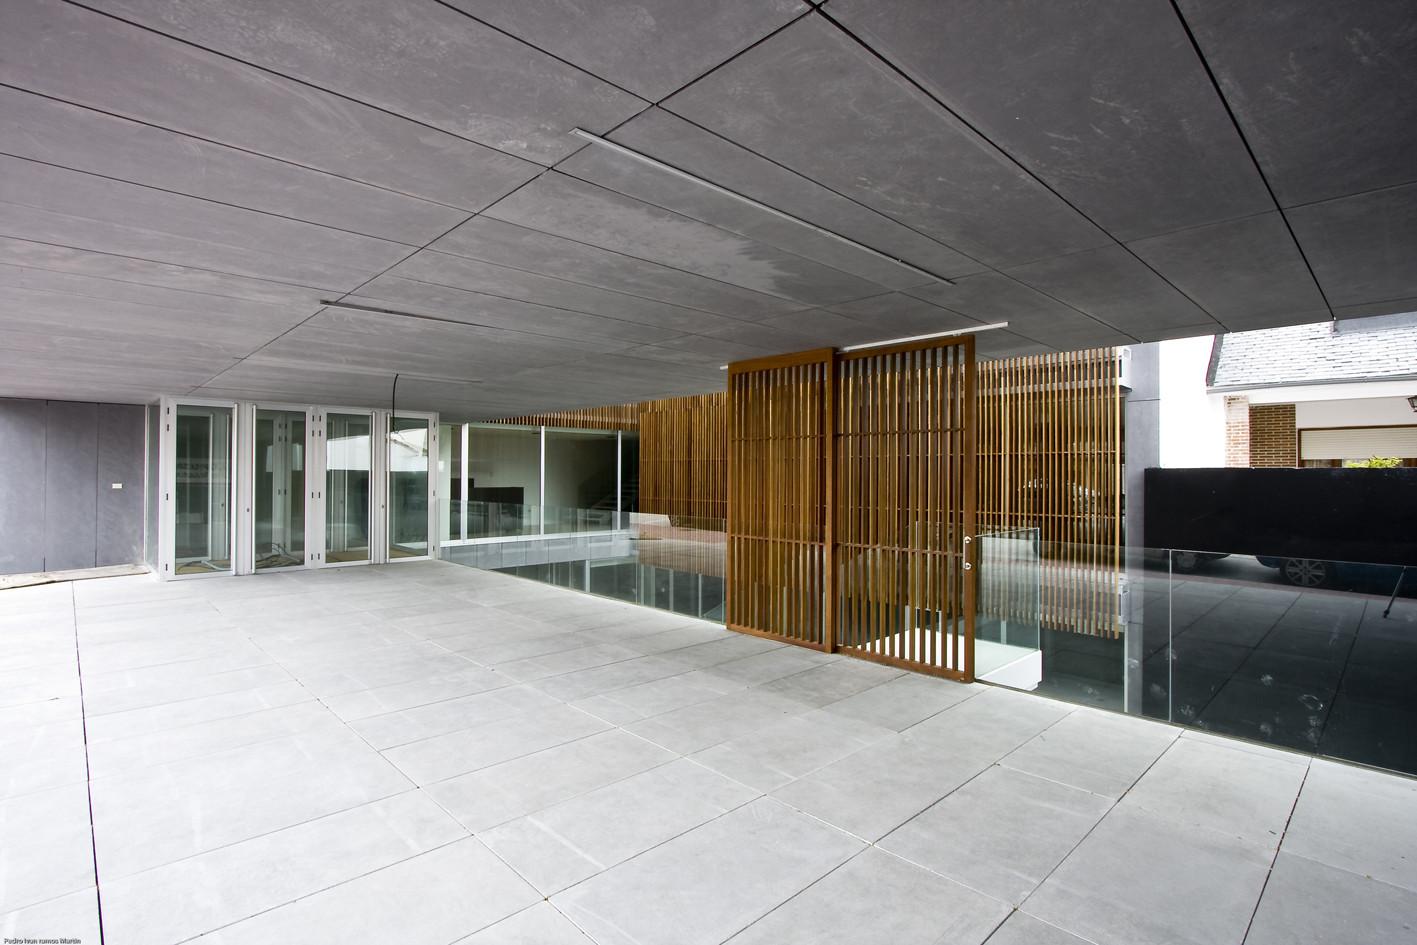 Centro Cívico Municipal de Boecillo / José Manuel Martínez Rodríguez, Inés Escudero Conesa, Fernando Nieto Fernández